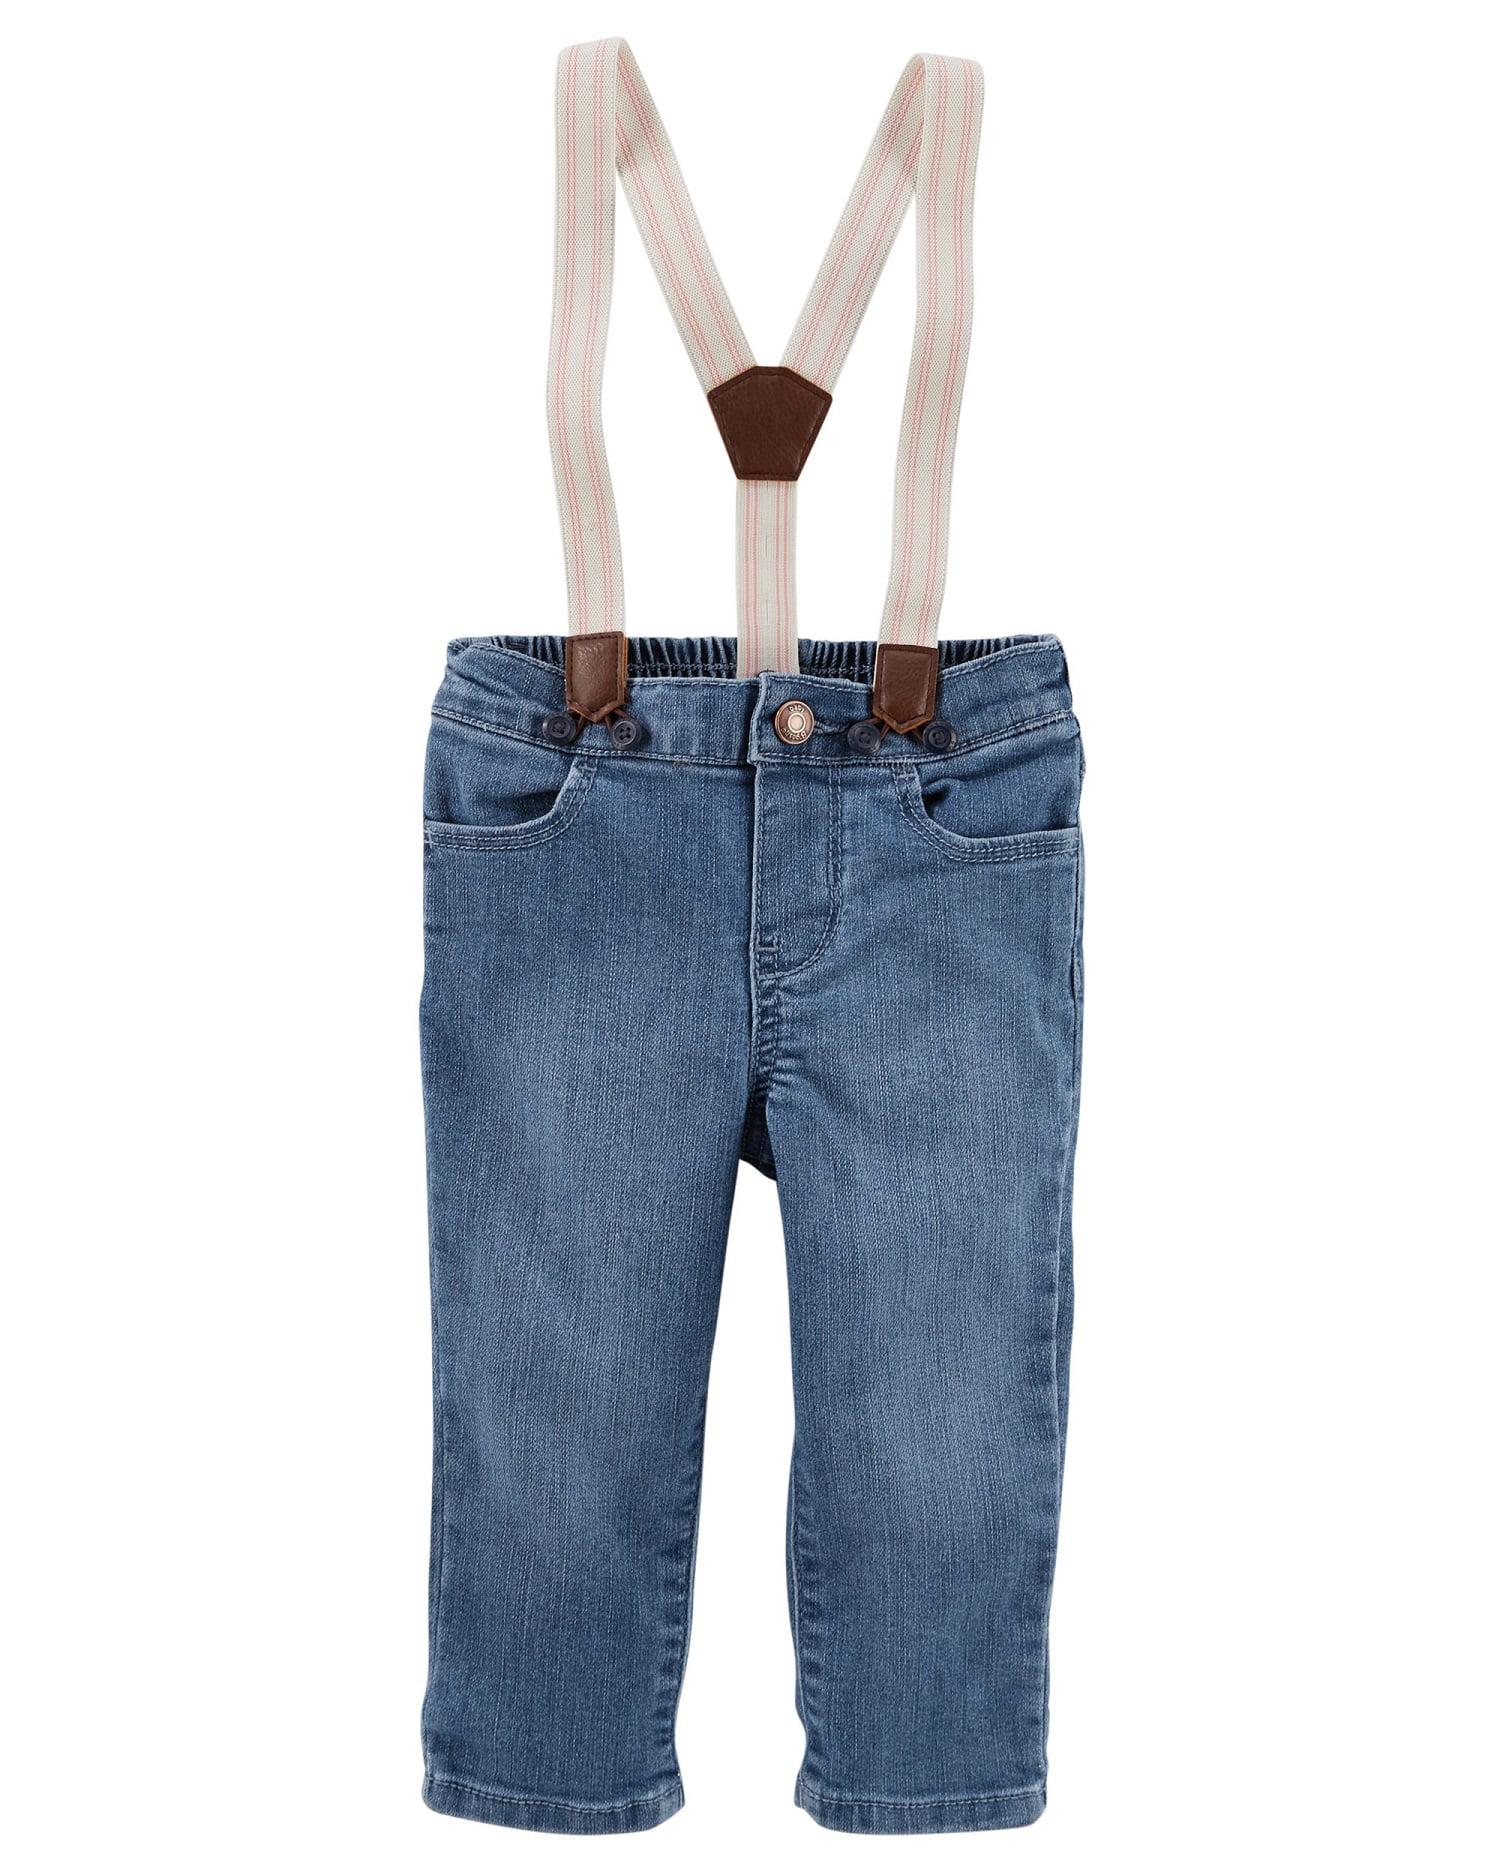 OshKosh B'gosh Baby Girls' Suspender Jeans, 12 Months